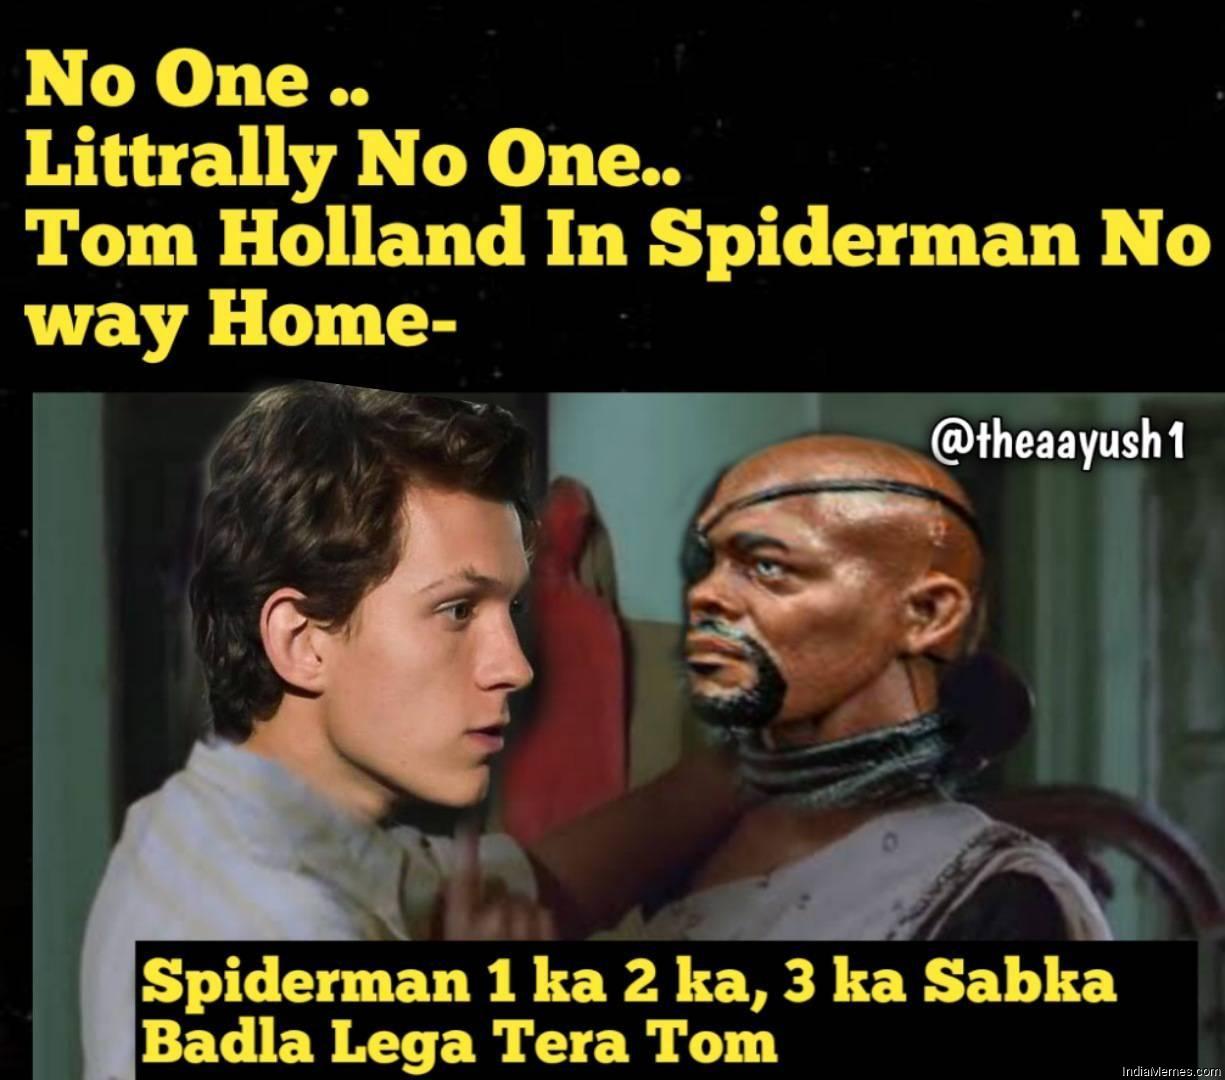 Spiderman 1 ka 2 ka 3 ka sabka badla lega tera tom meme.jpg